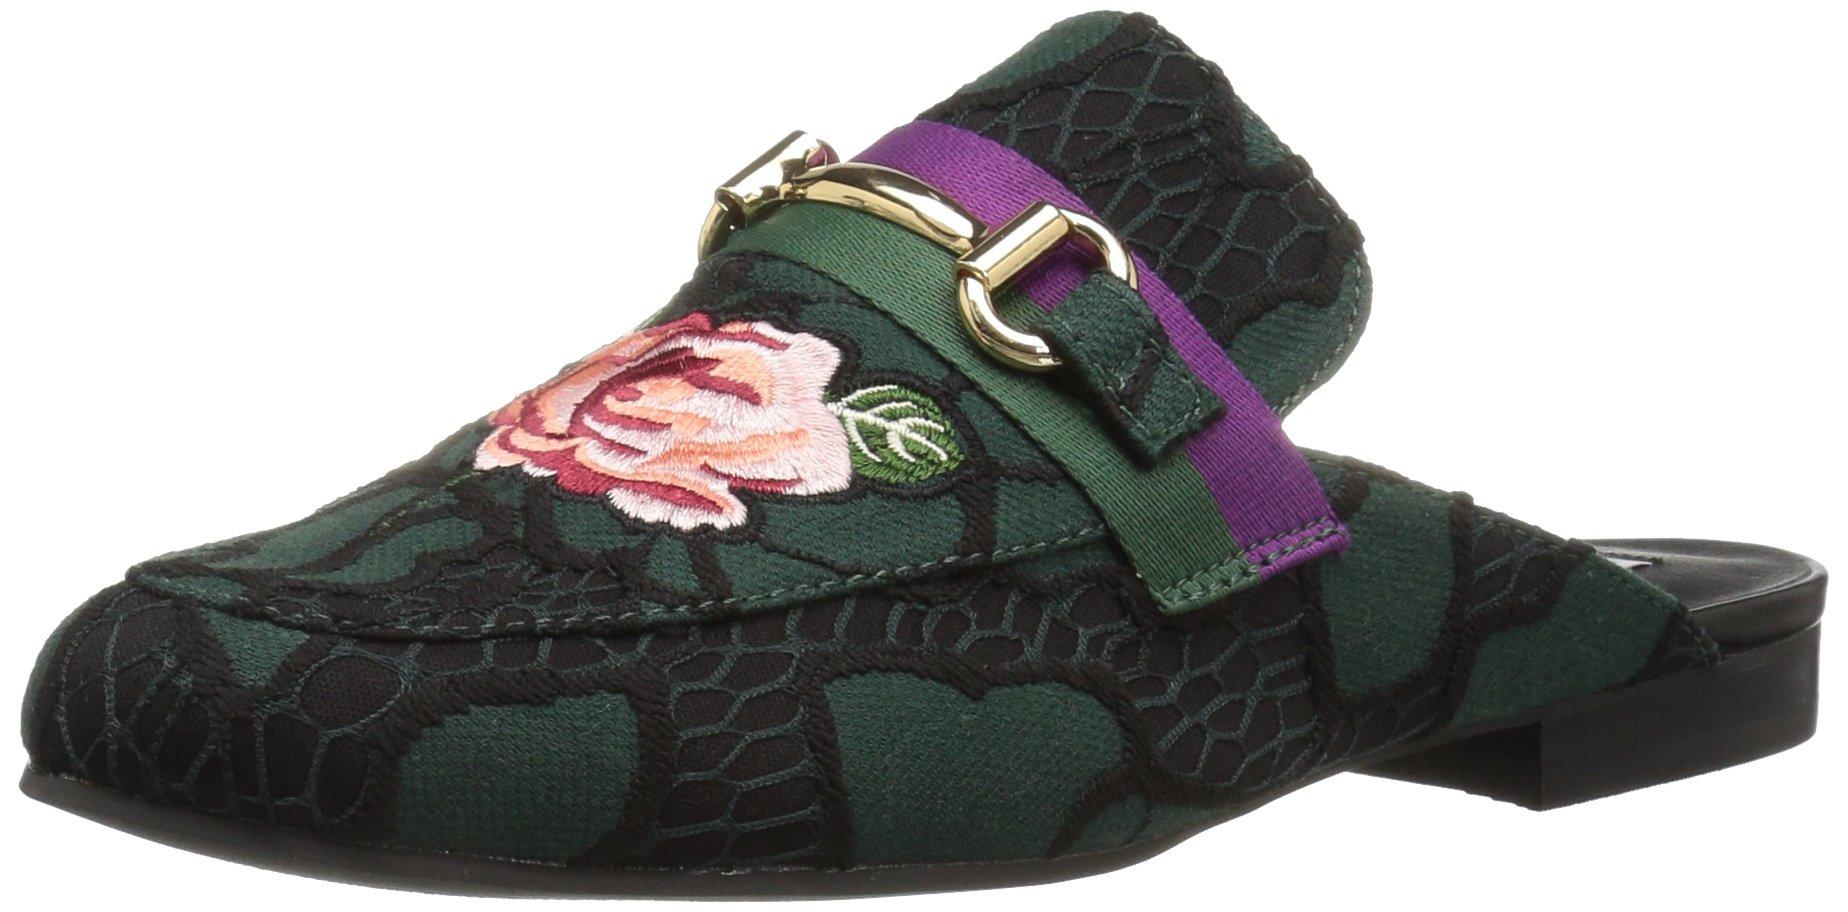 Steve Madden Women's Kandi Slip-on Loafer, Floral Mutli, 7 M US